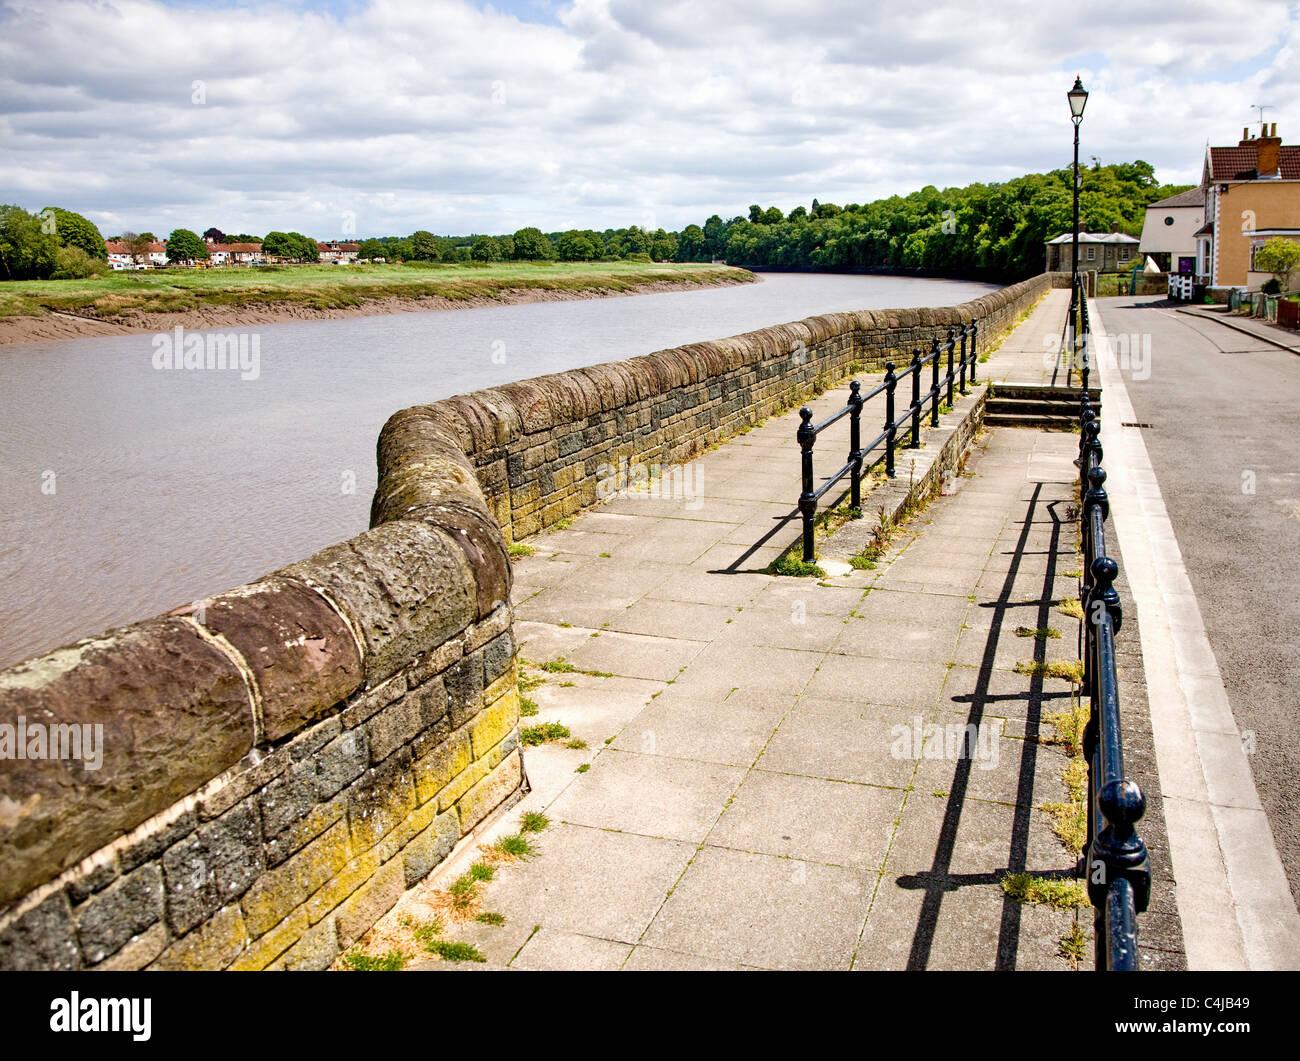 Die Ufermauer Promenade und den Fluss Avon bei Pille in der Nähe von Bristol Stockbild